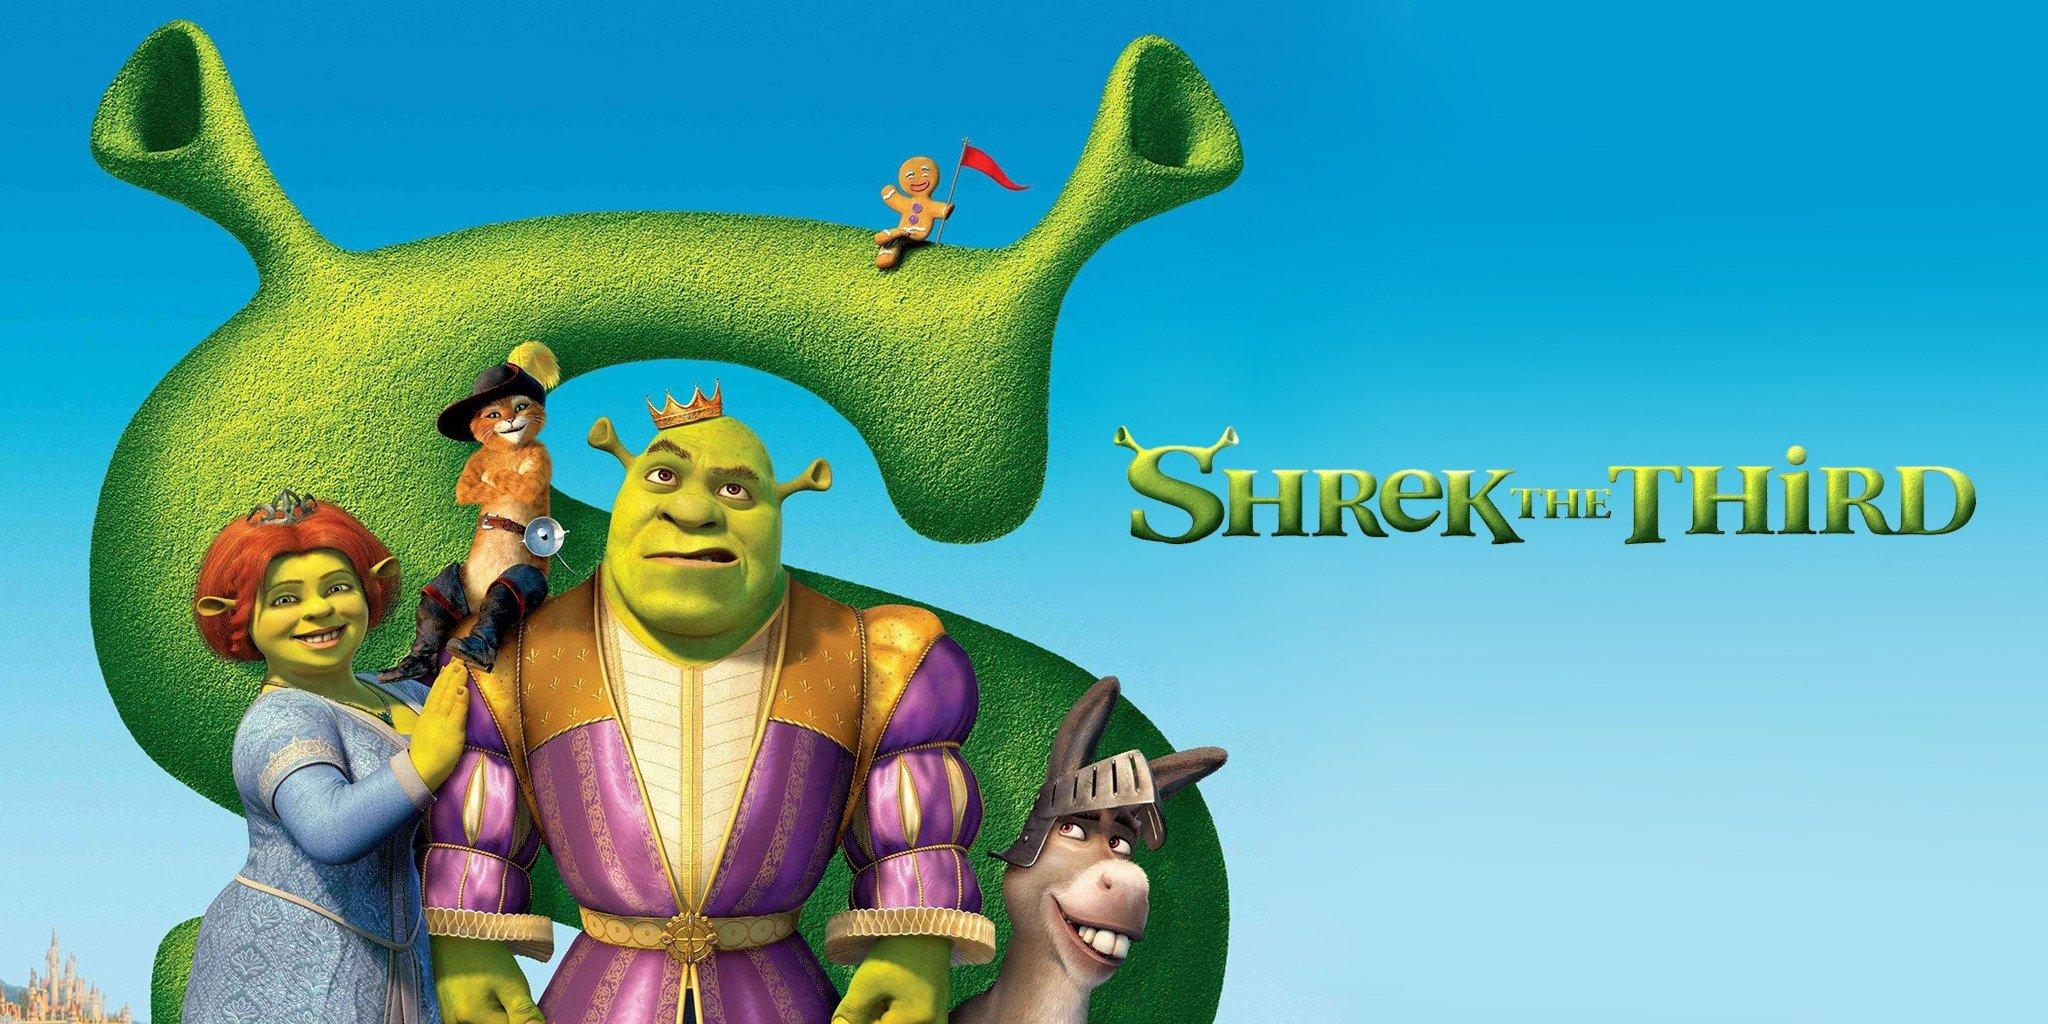 Shrek & fiona carton caertaure pornos pics